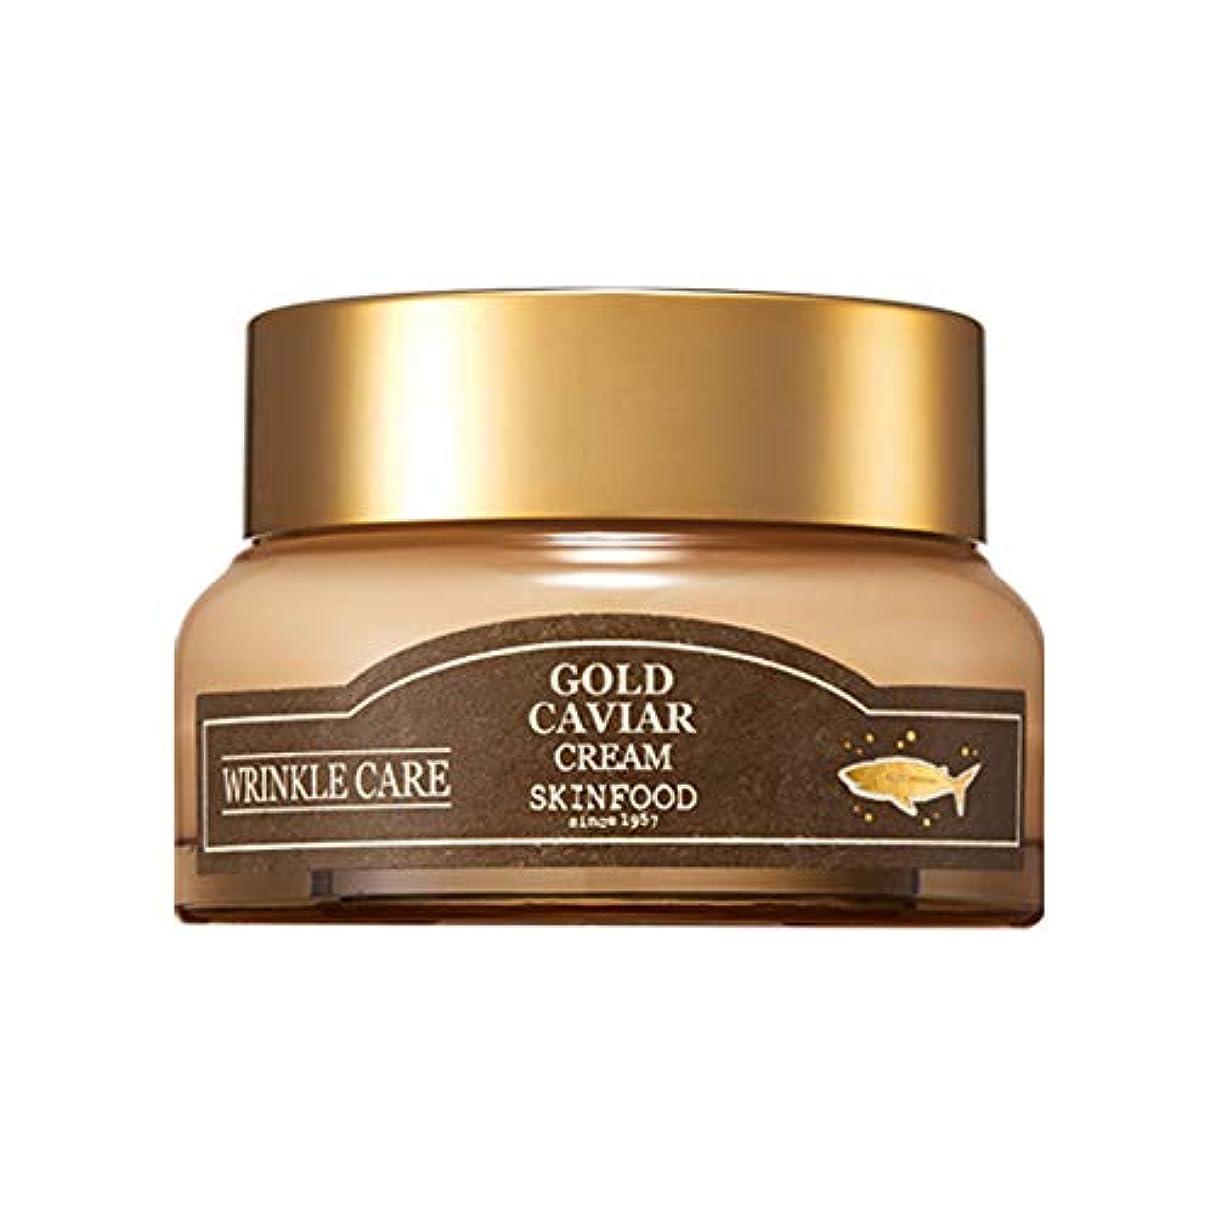 気質討論最も遠いSkinfood ゴールドキャビアクリーム[しわケア用化粧品] / Gold Caviar Cream [Cosmeceutical for wrinkle care] 54ml [並行輸入品]